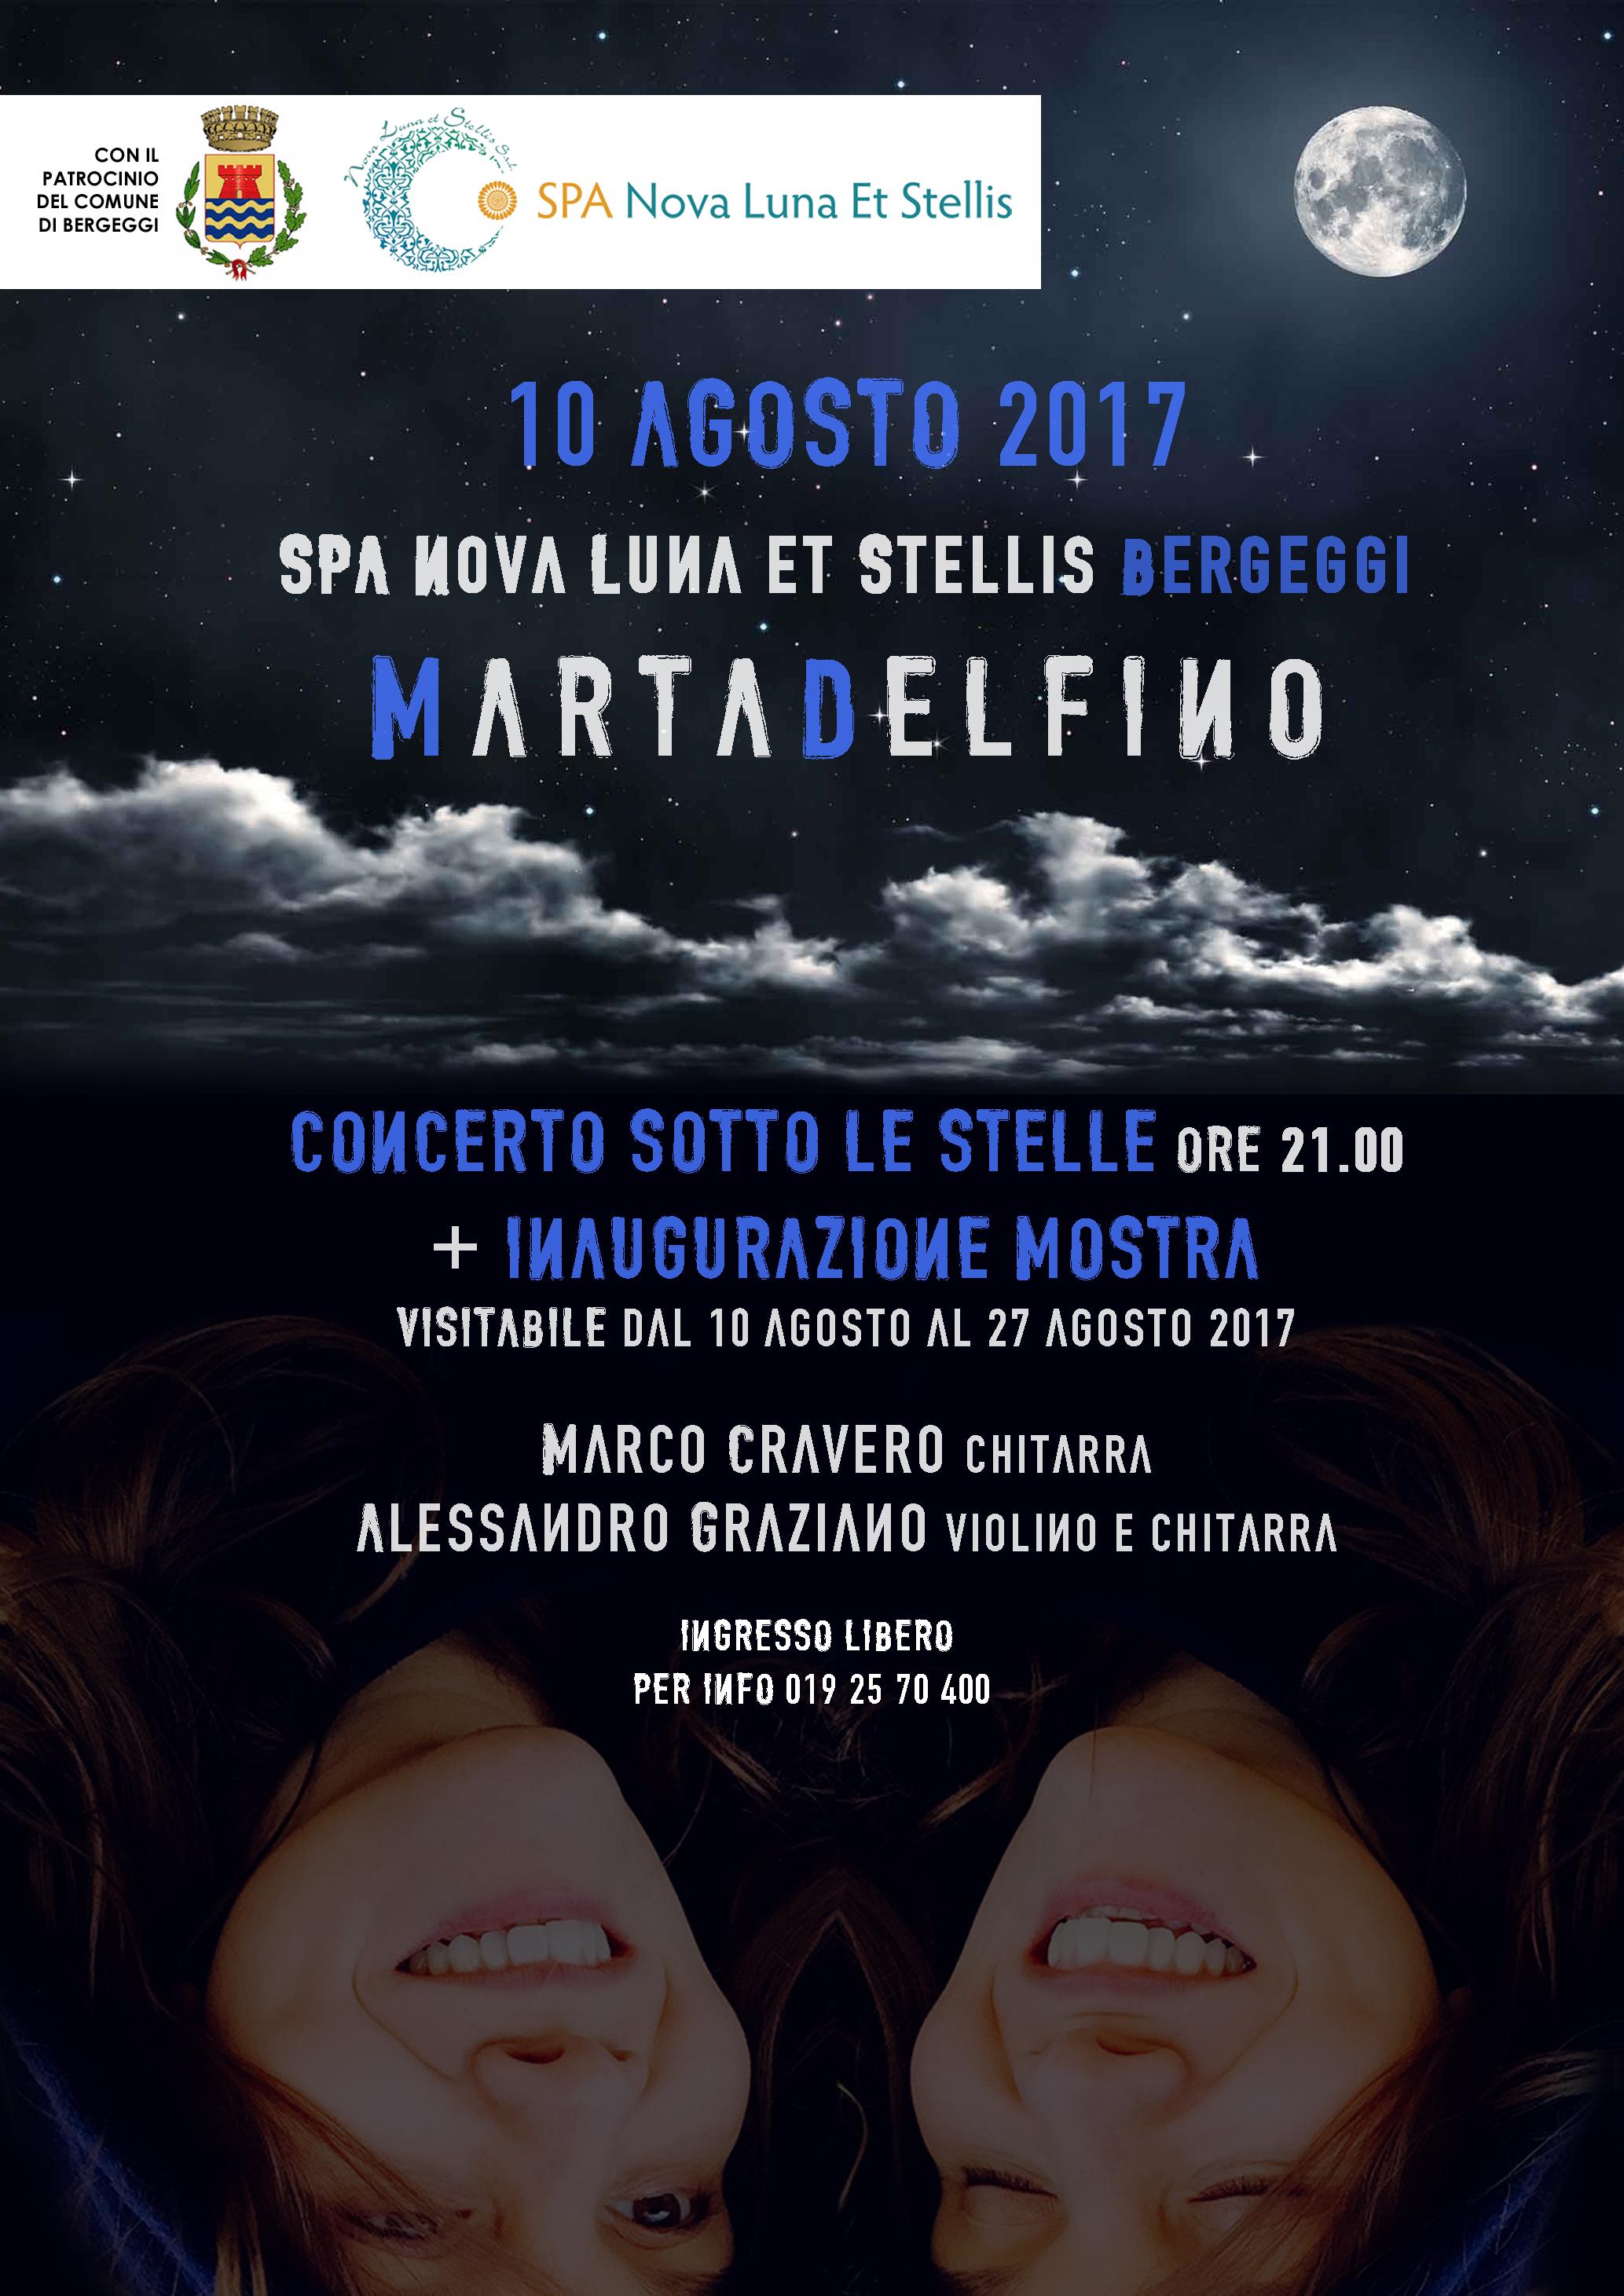 LOC 10 AGOSTO 2017 Marta Delfino